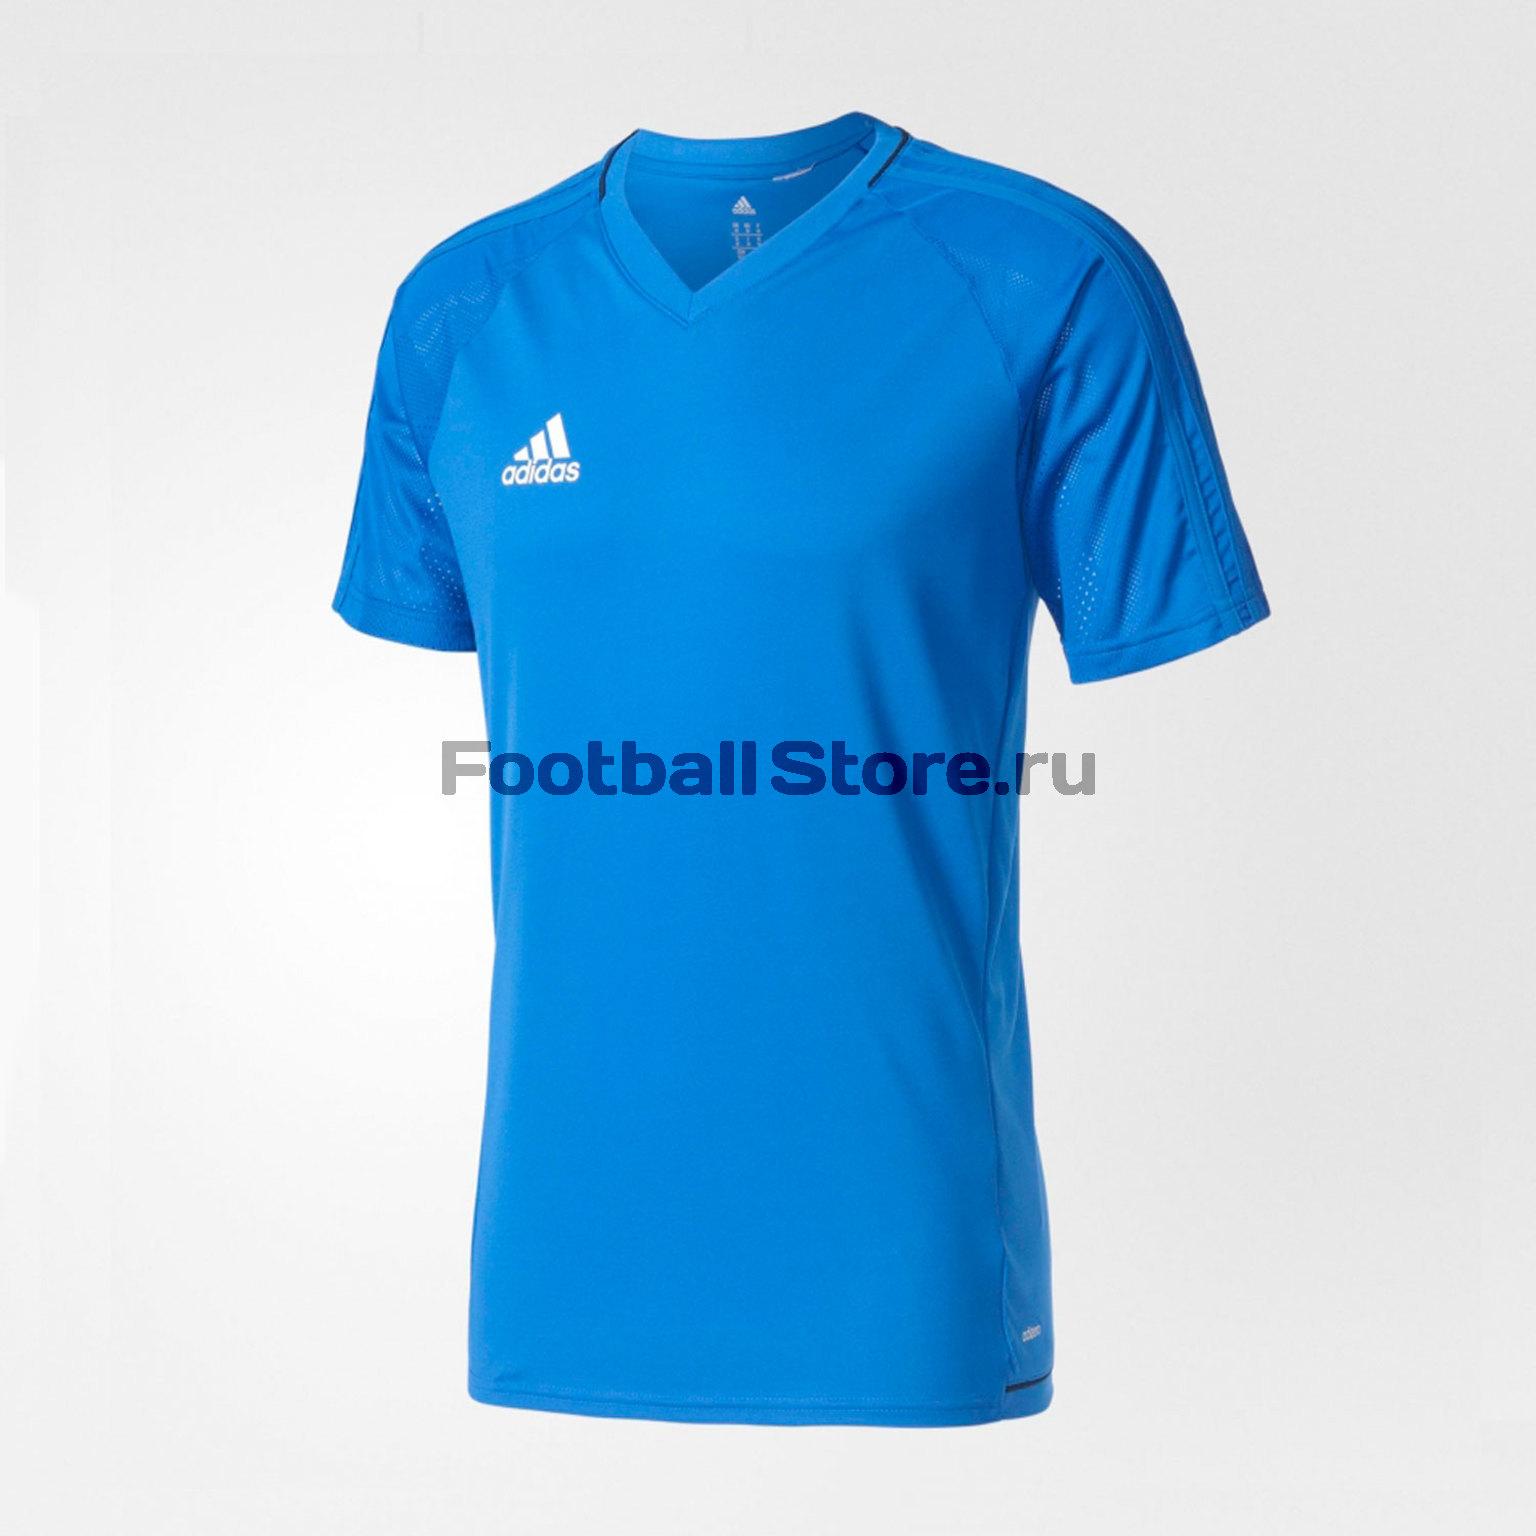 Футболка тренировочная Adidas Tiro17 Trg Jsy BQ2796 футболка тренировочная adidas tiro17 tee ay2964